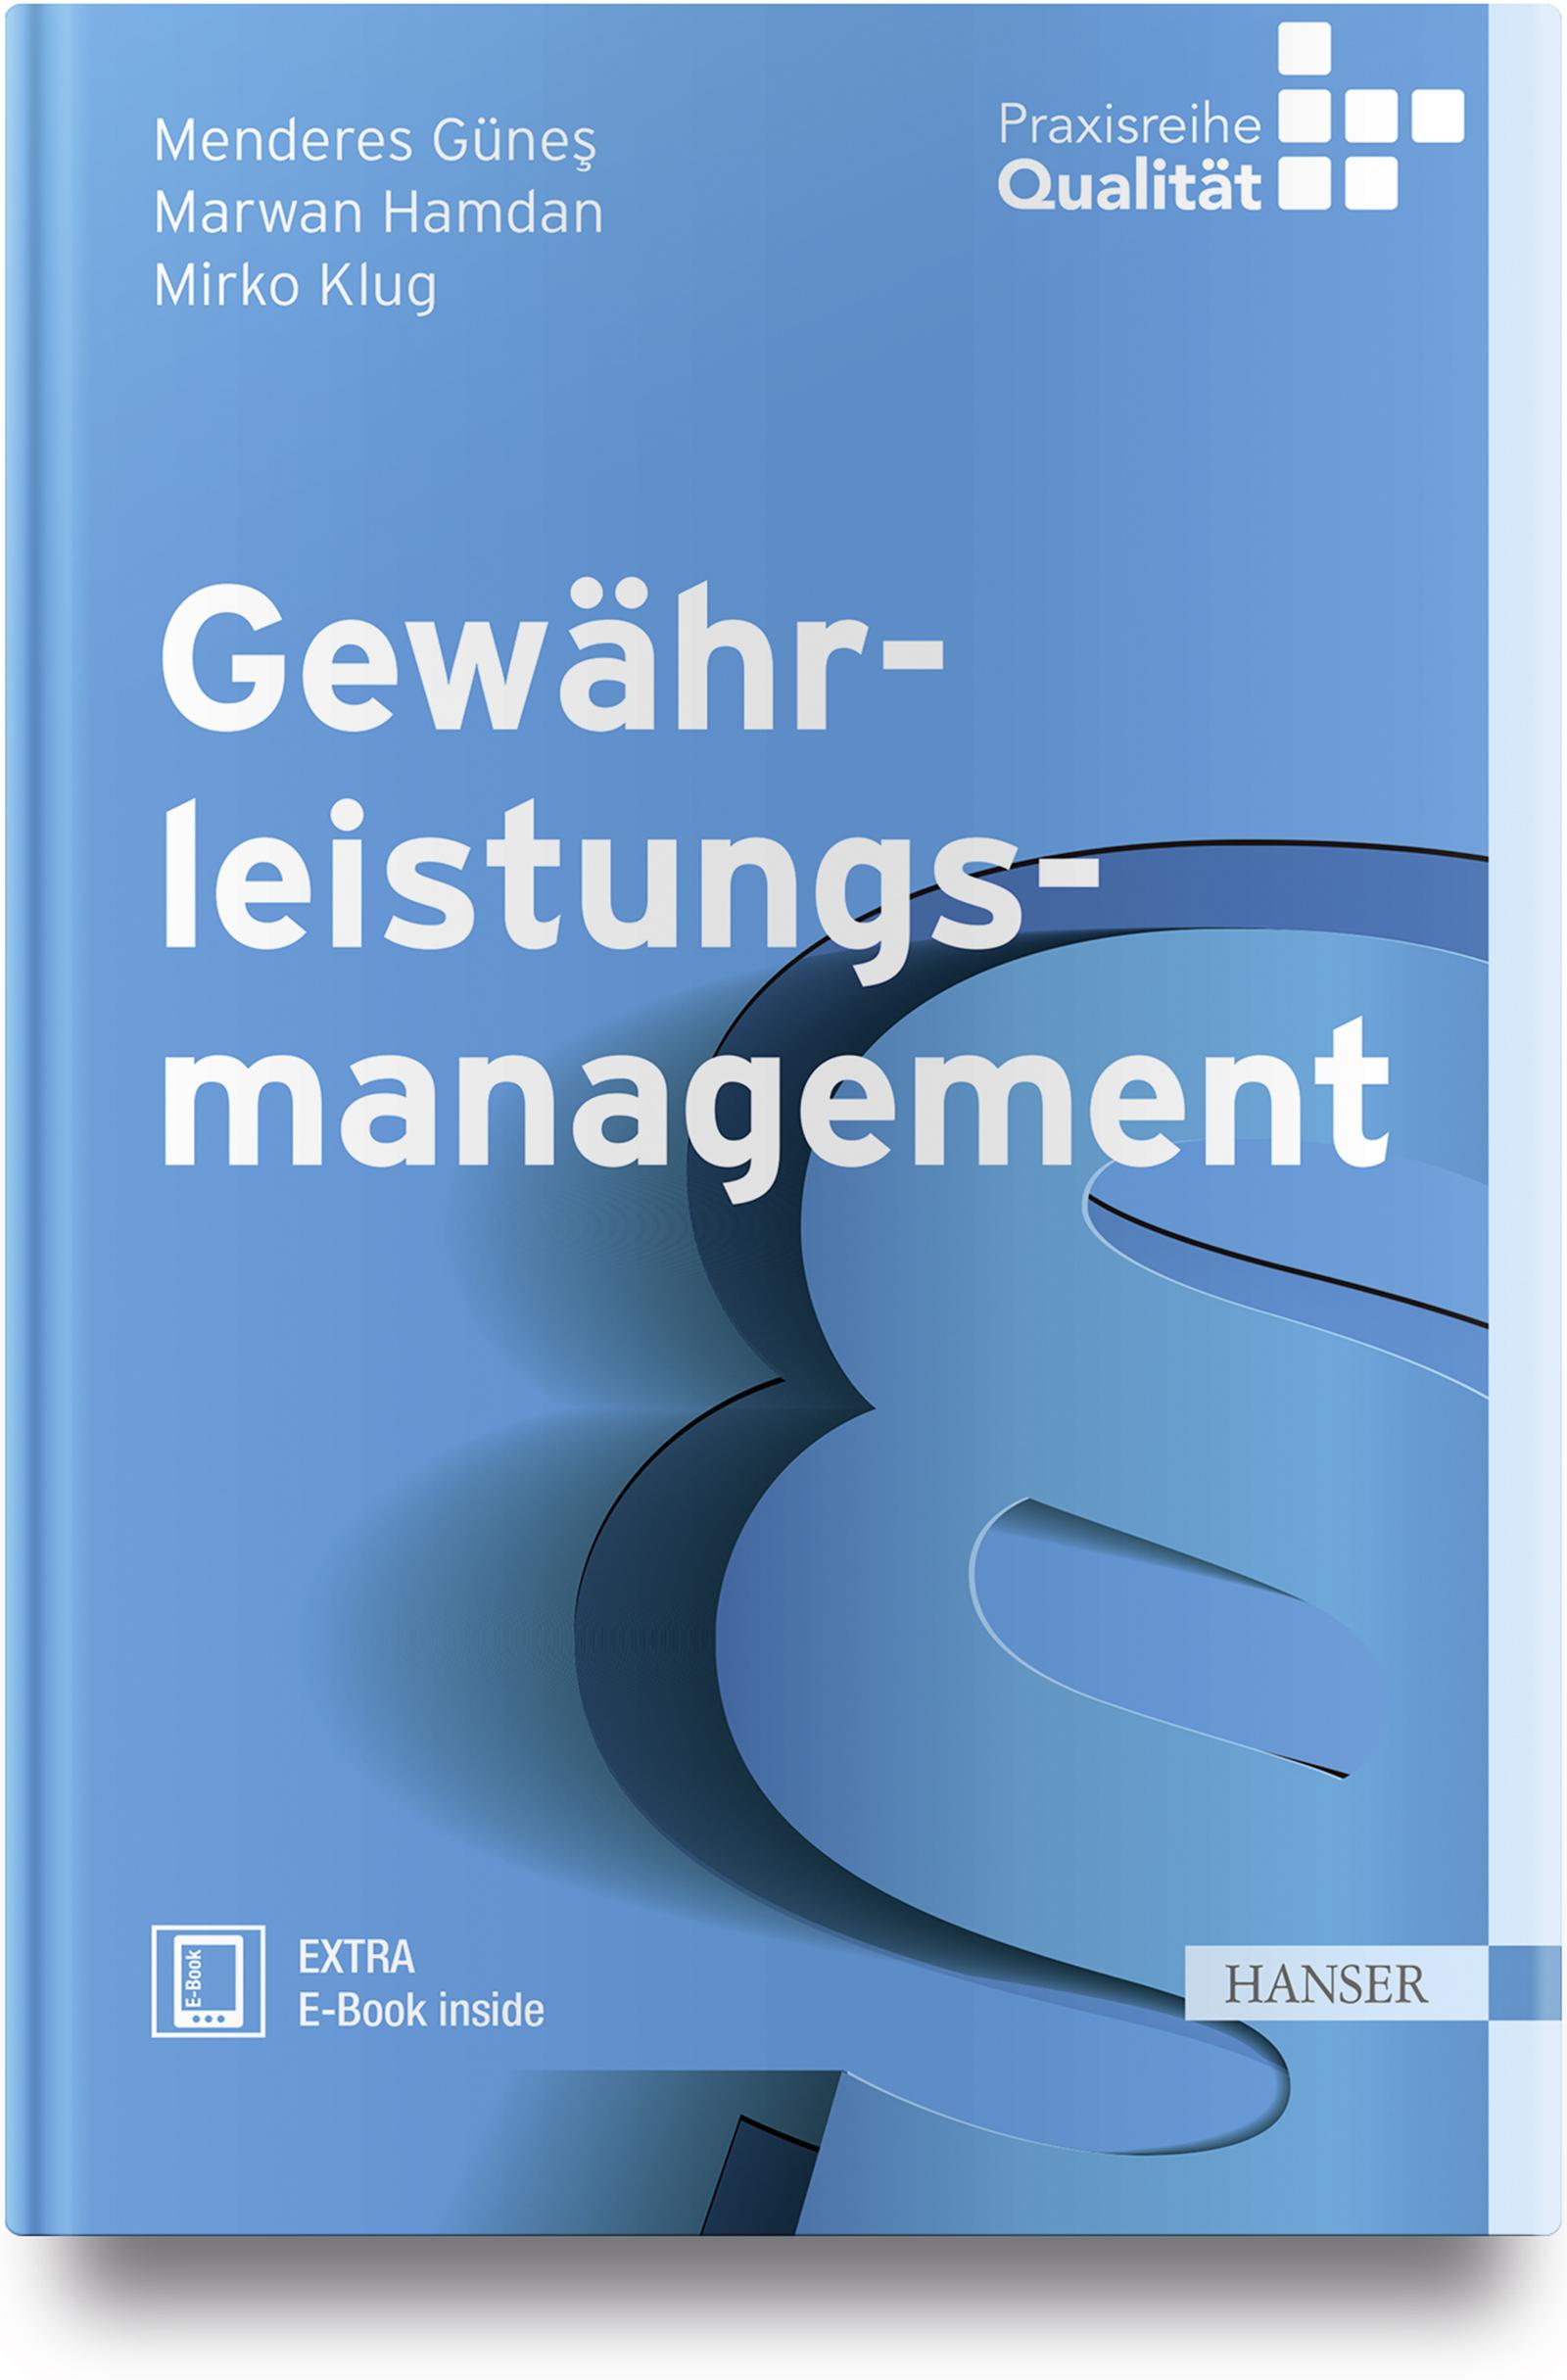 Günes, Hamdan, Klug, Gewährleistungsmanagement, 978-3-446-44795-0